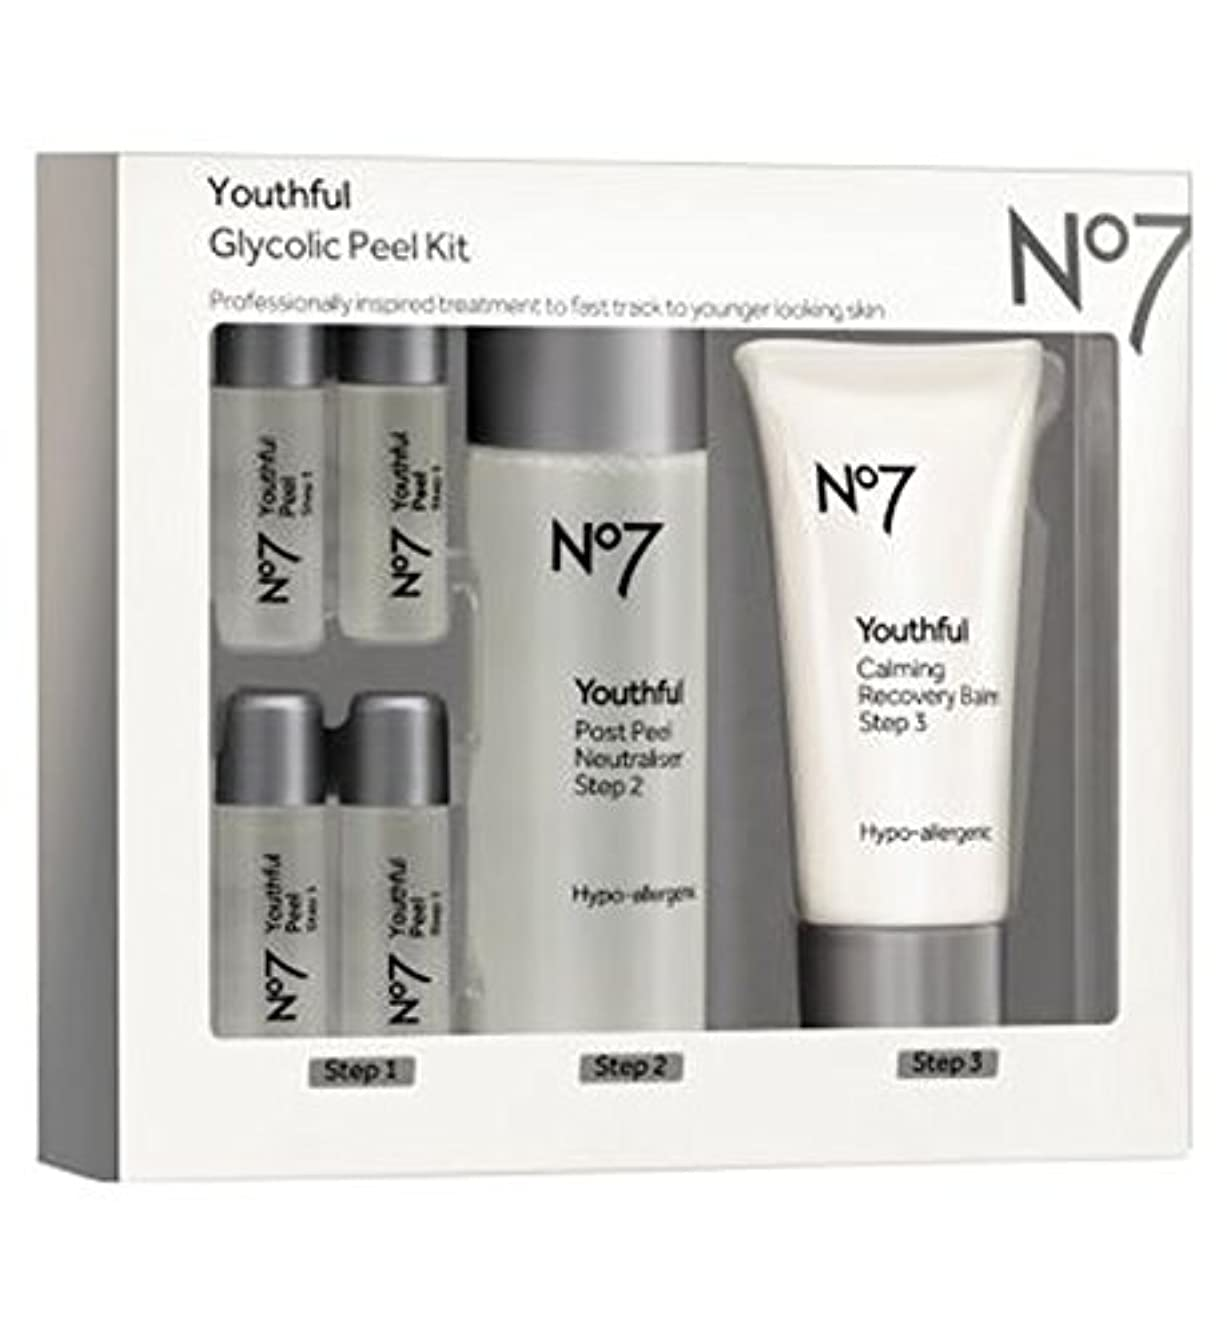 ウミウシ背景署名No7若々しいグリコールピールキット (No7) (x2) - No7 Youthful Glycolic Peel Kit (Pack of 2) [並行輸入品]